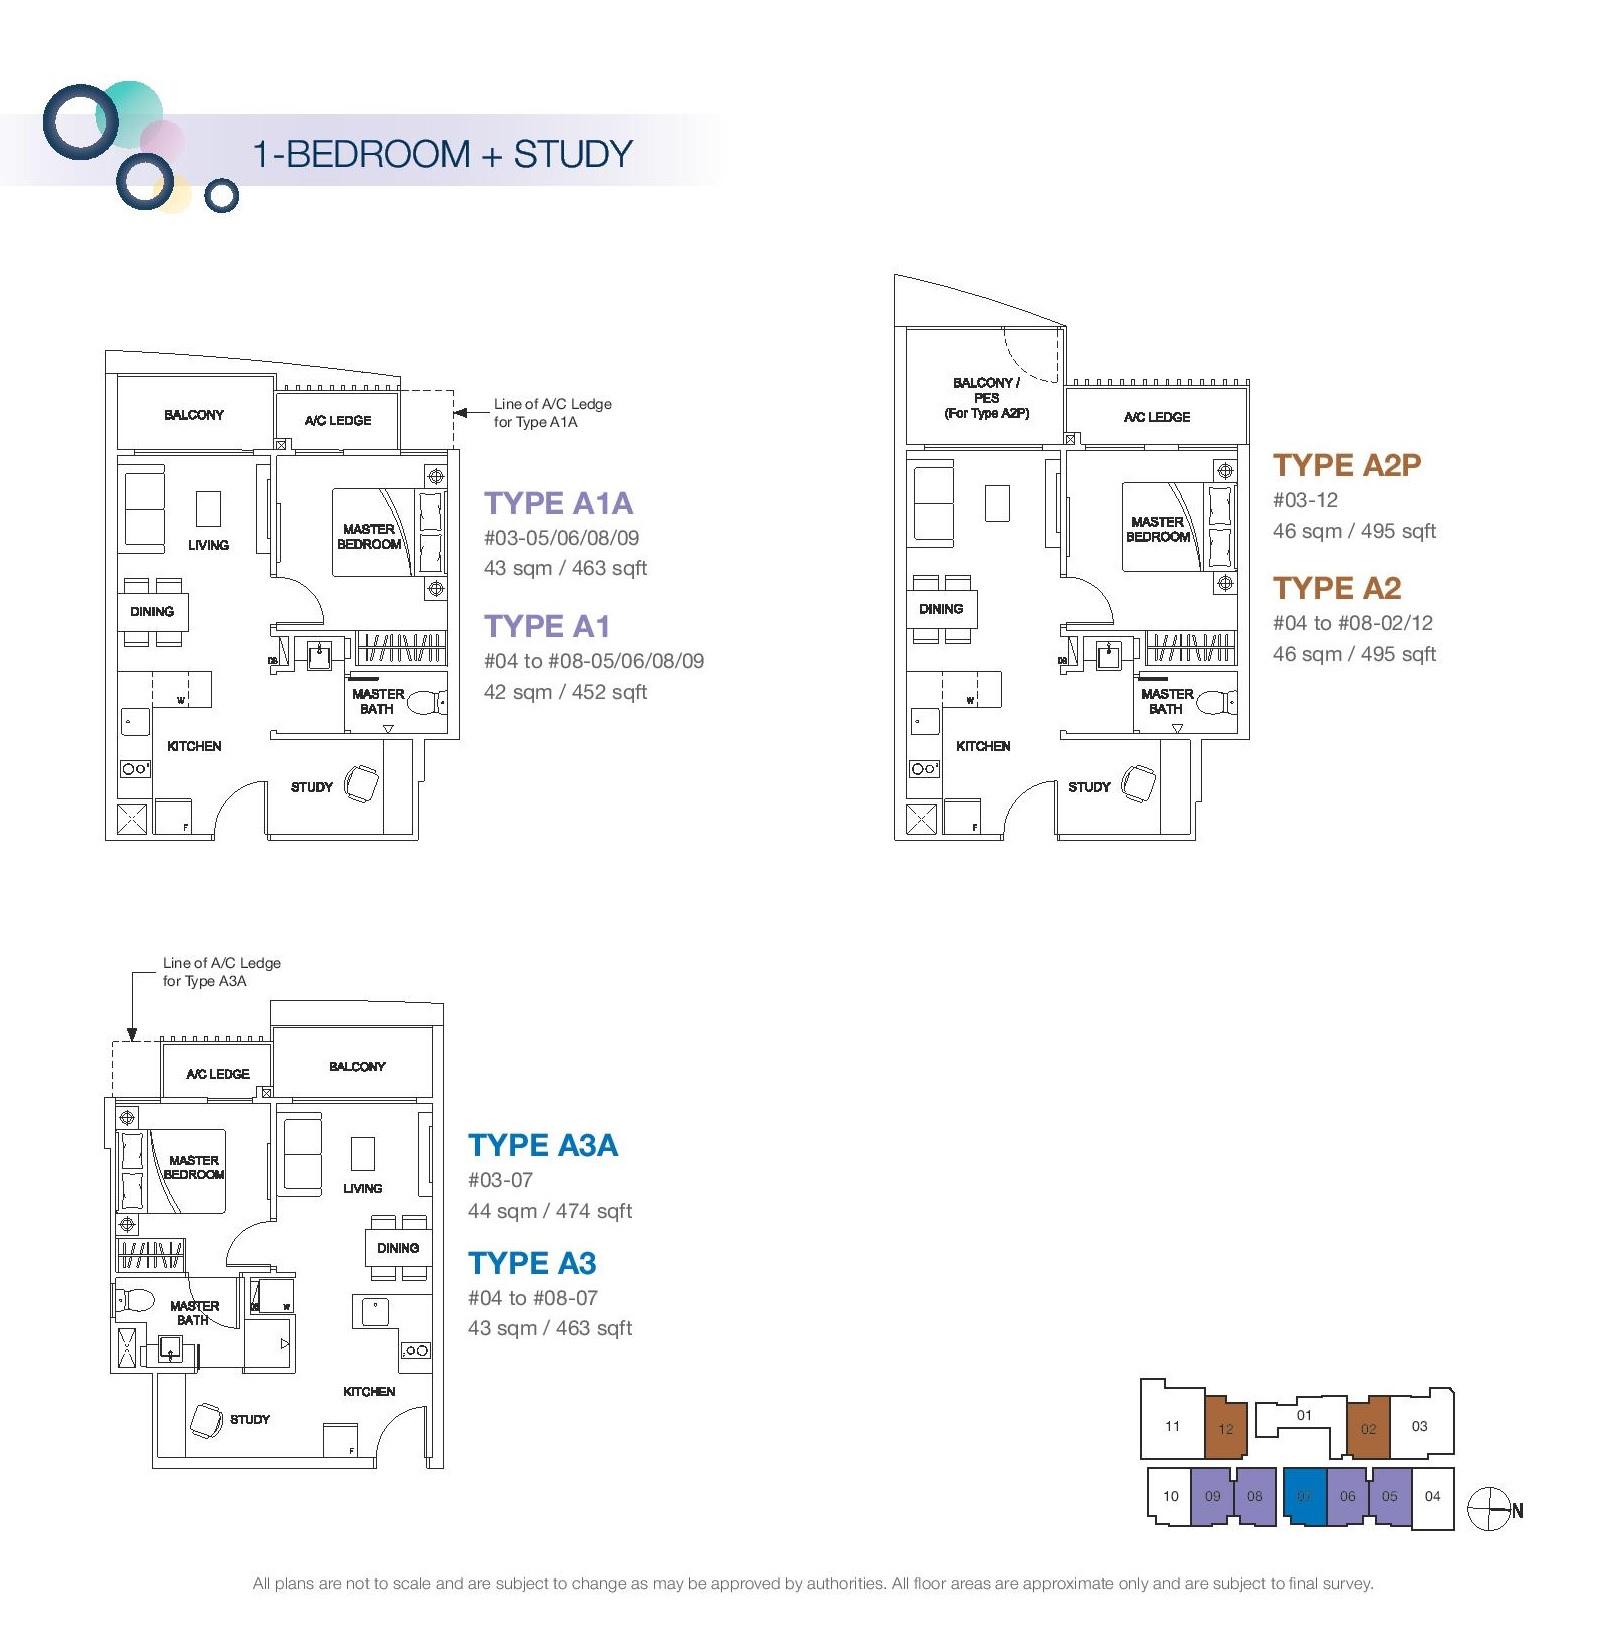 Rezi 3Two 1 Bedroom + Study Floor Plans Type A1A, A1, A2P, A2, A3A, A3